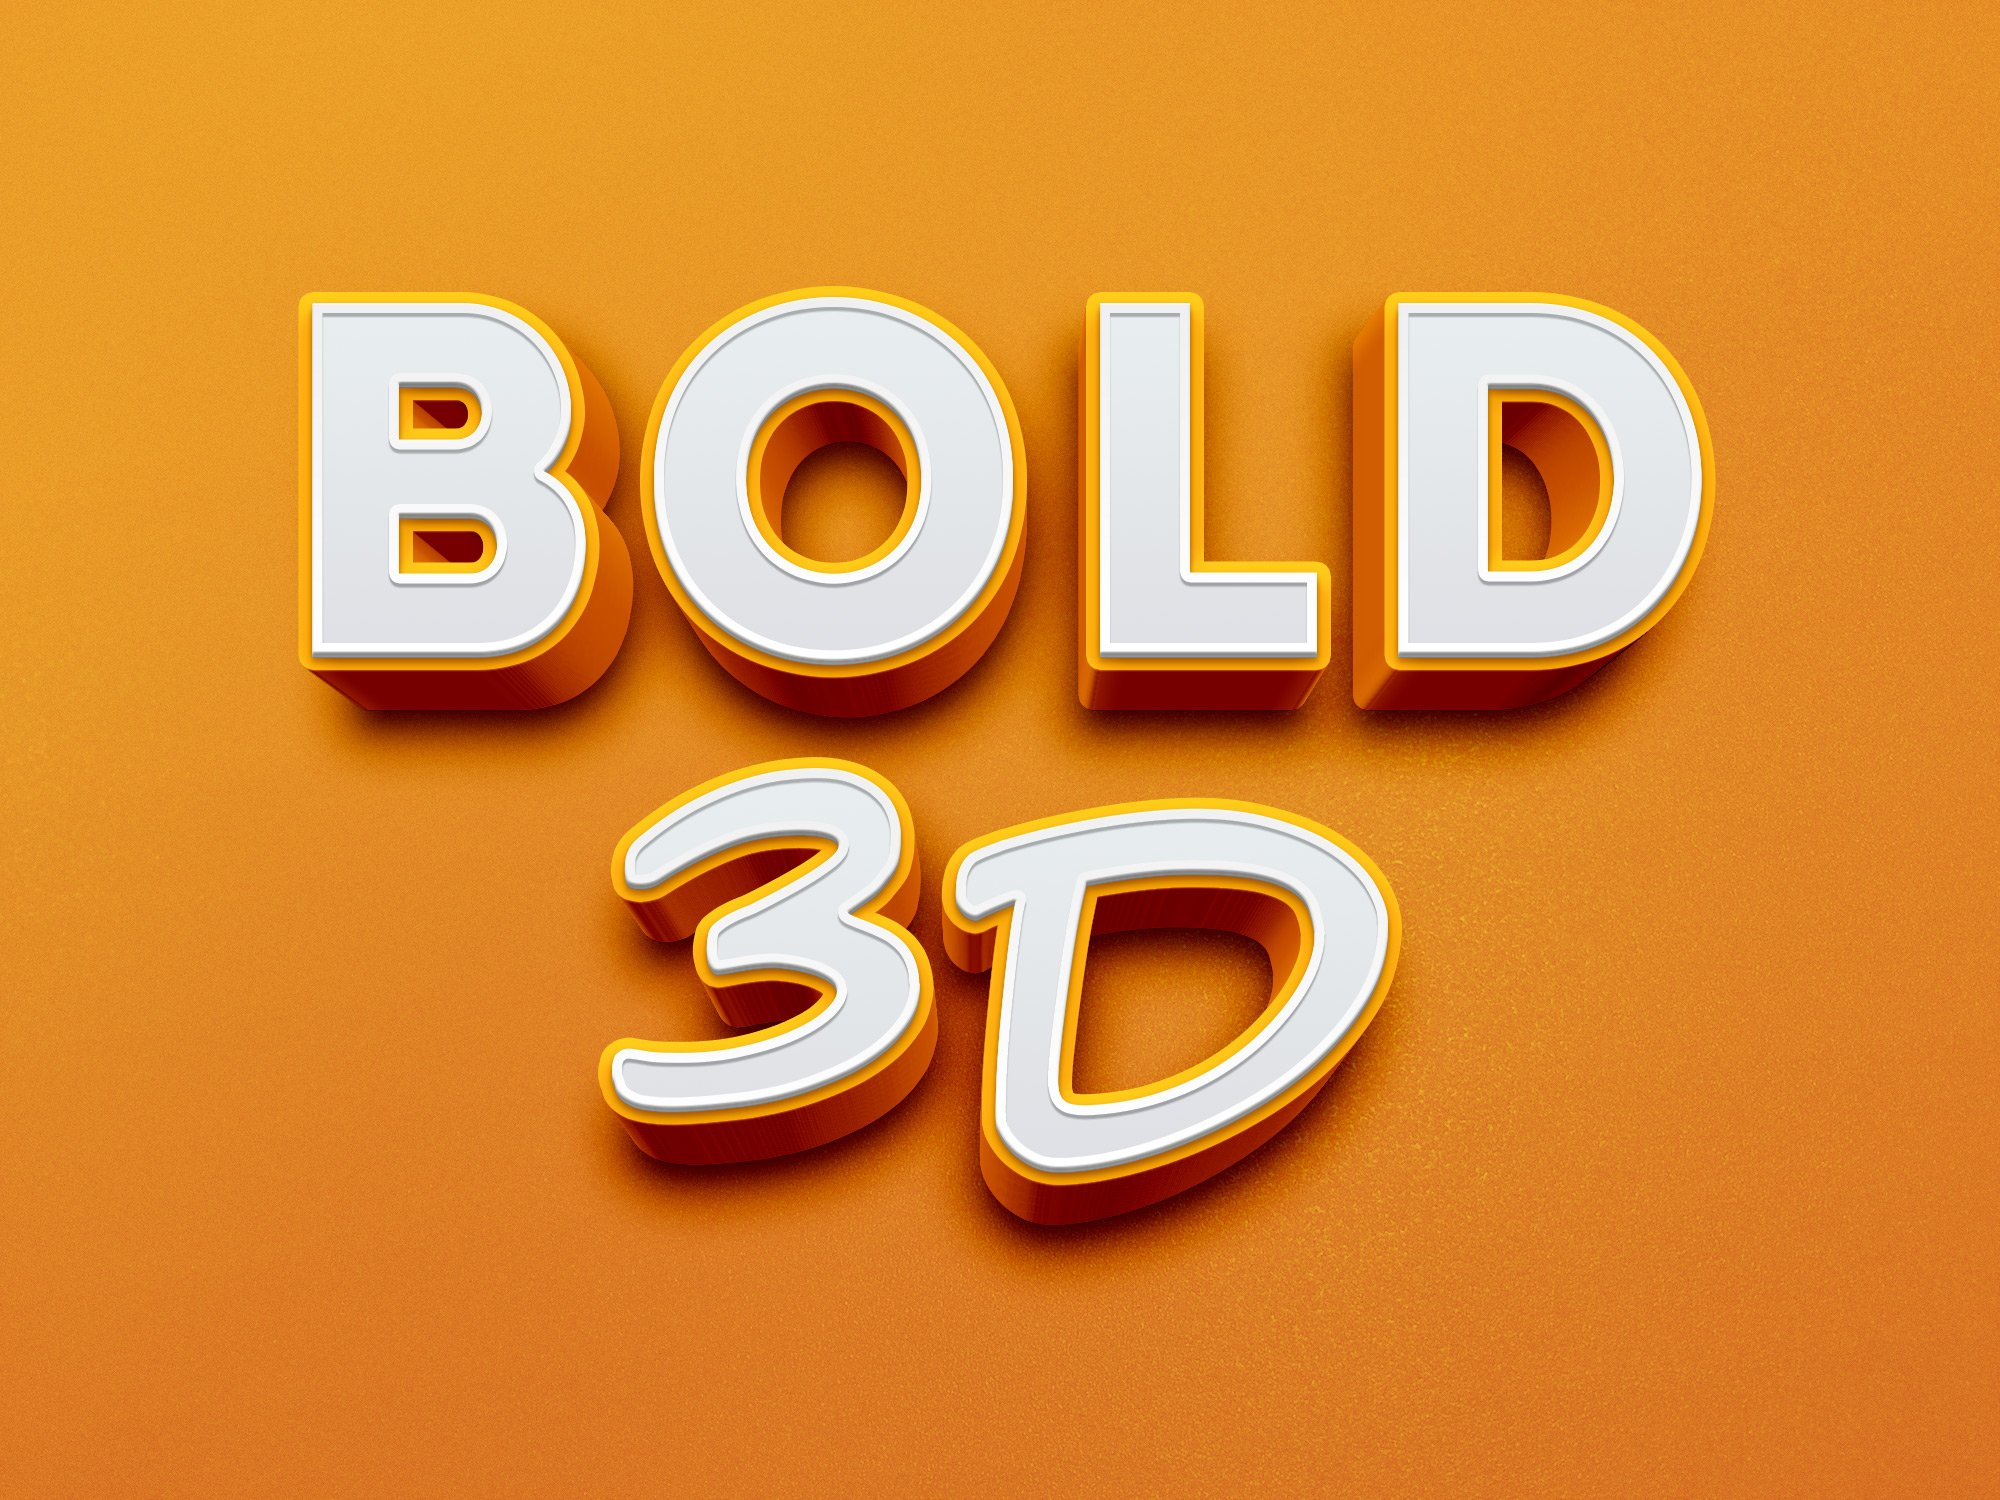 Bold-3D-Text-Effect-full